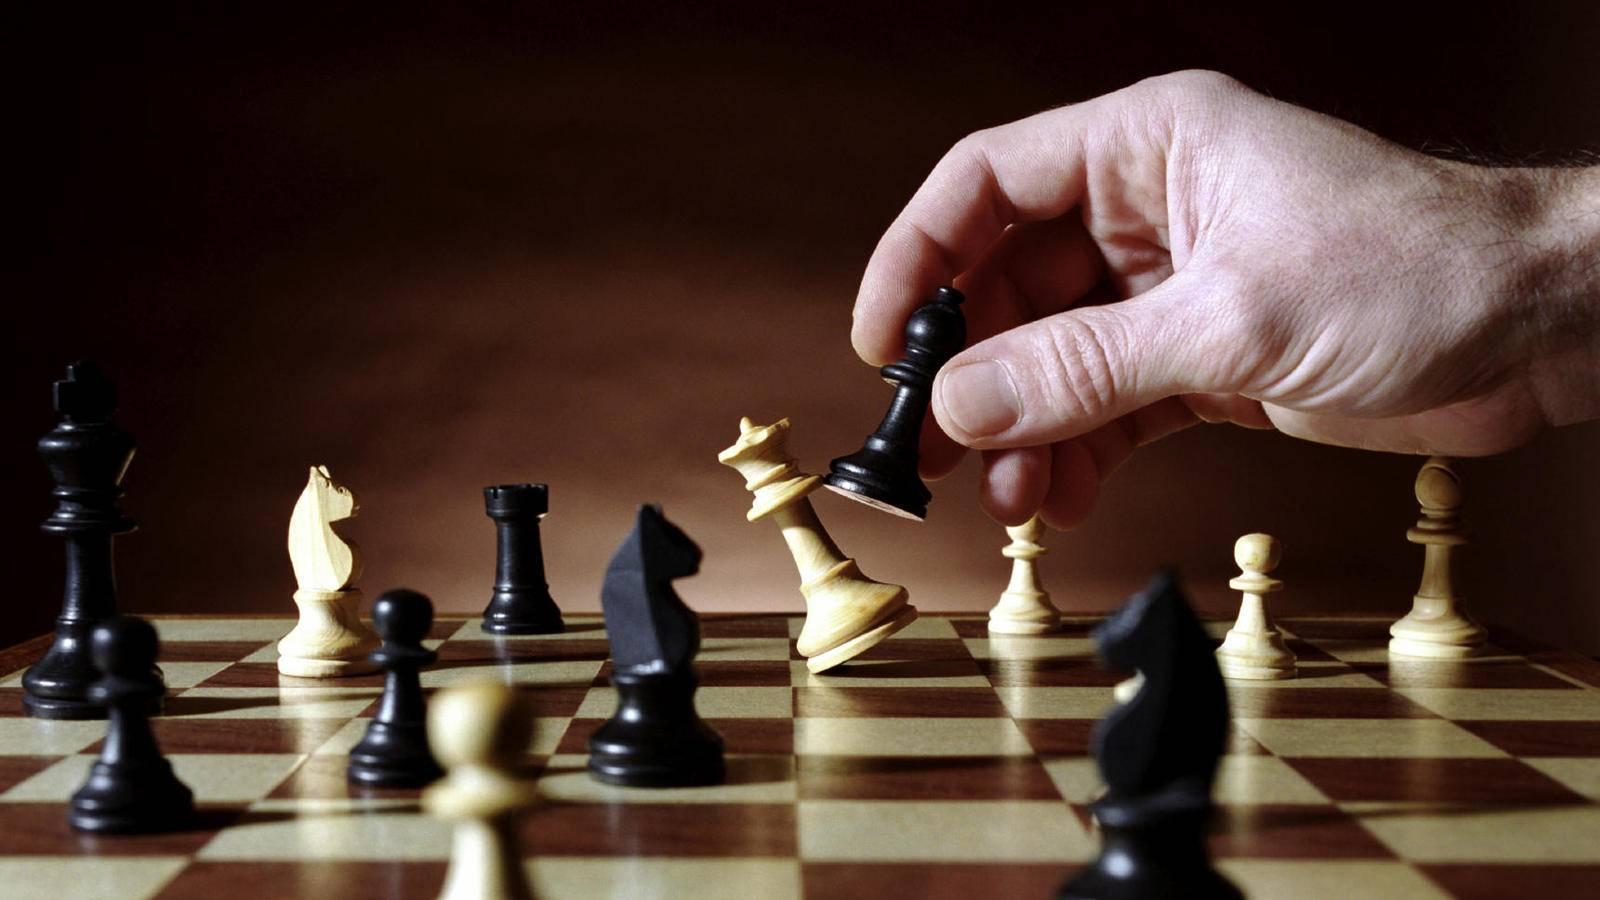 El pico del conocimiento del ser humano comienza a los 35 años, según estudios basados en el ajedrez.